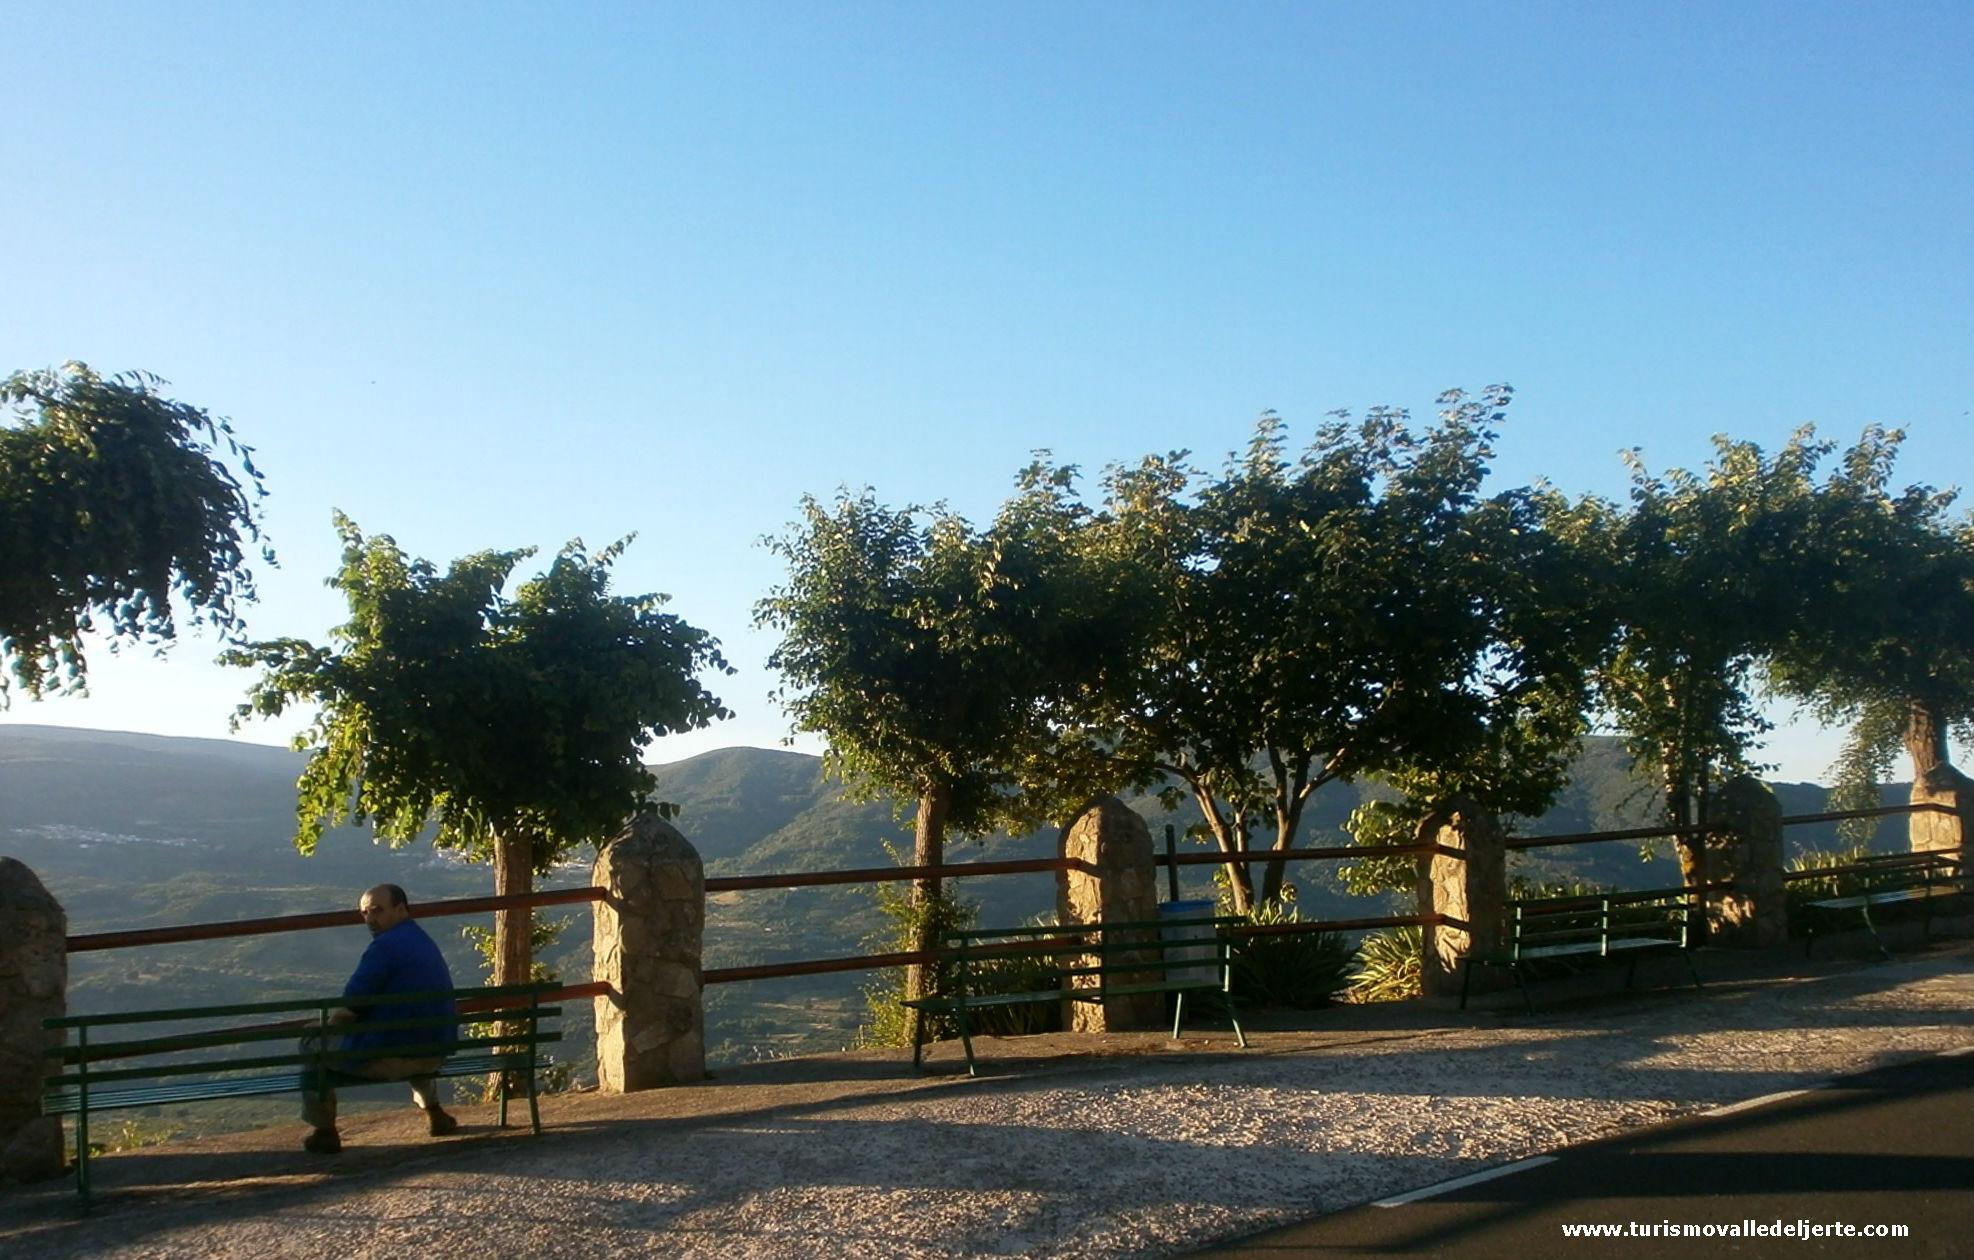 Mirador de la matarrulla valle del jerte for Oficina de turismo valle del jerte